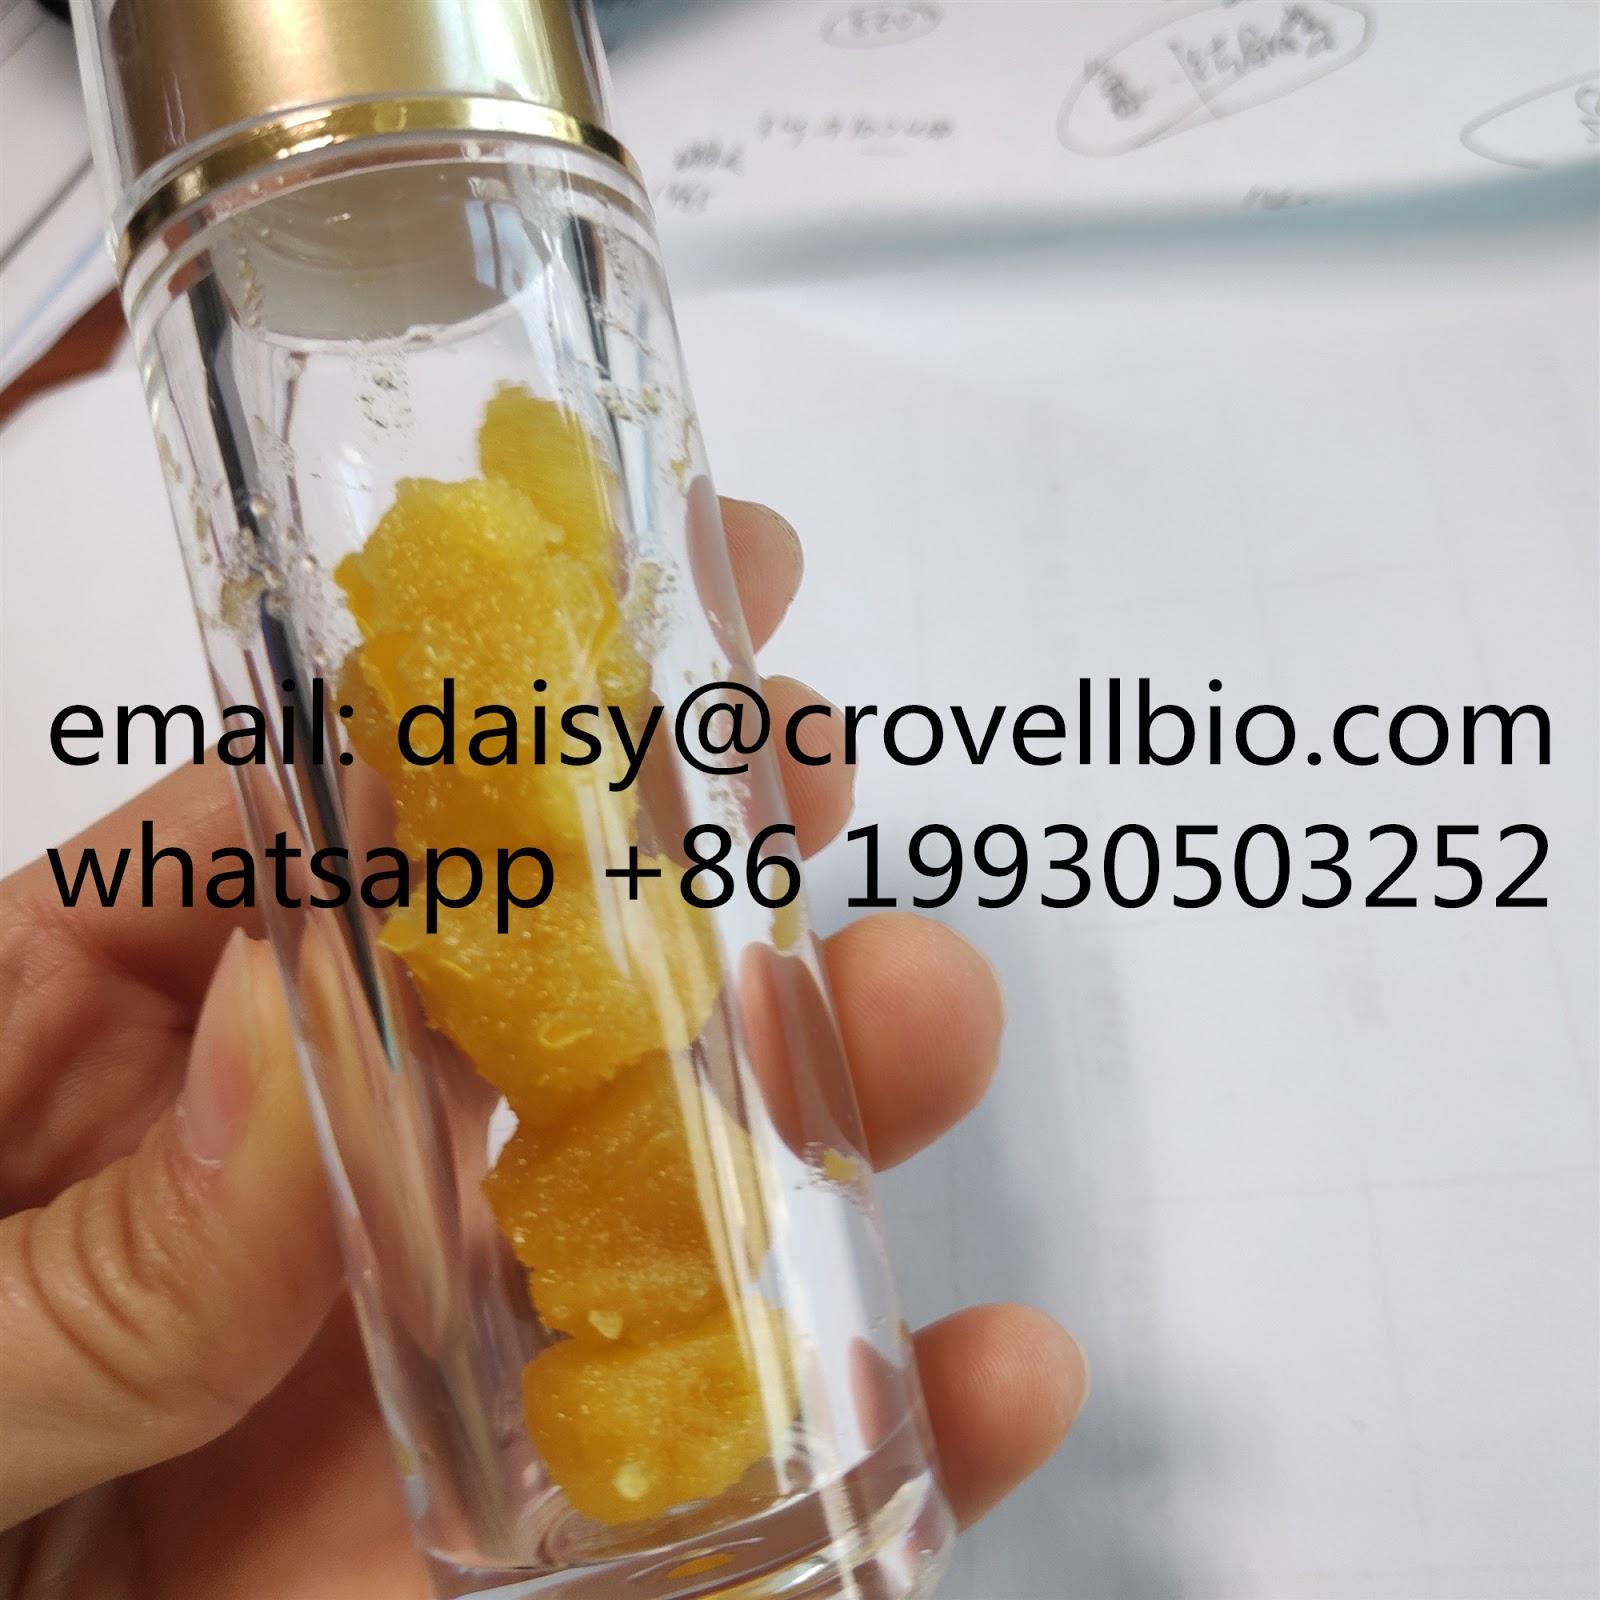 sell high quality CAS 13956-29-1 CBD oil (daisy@crovellbio com